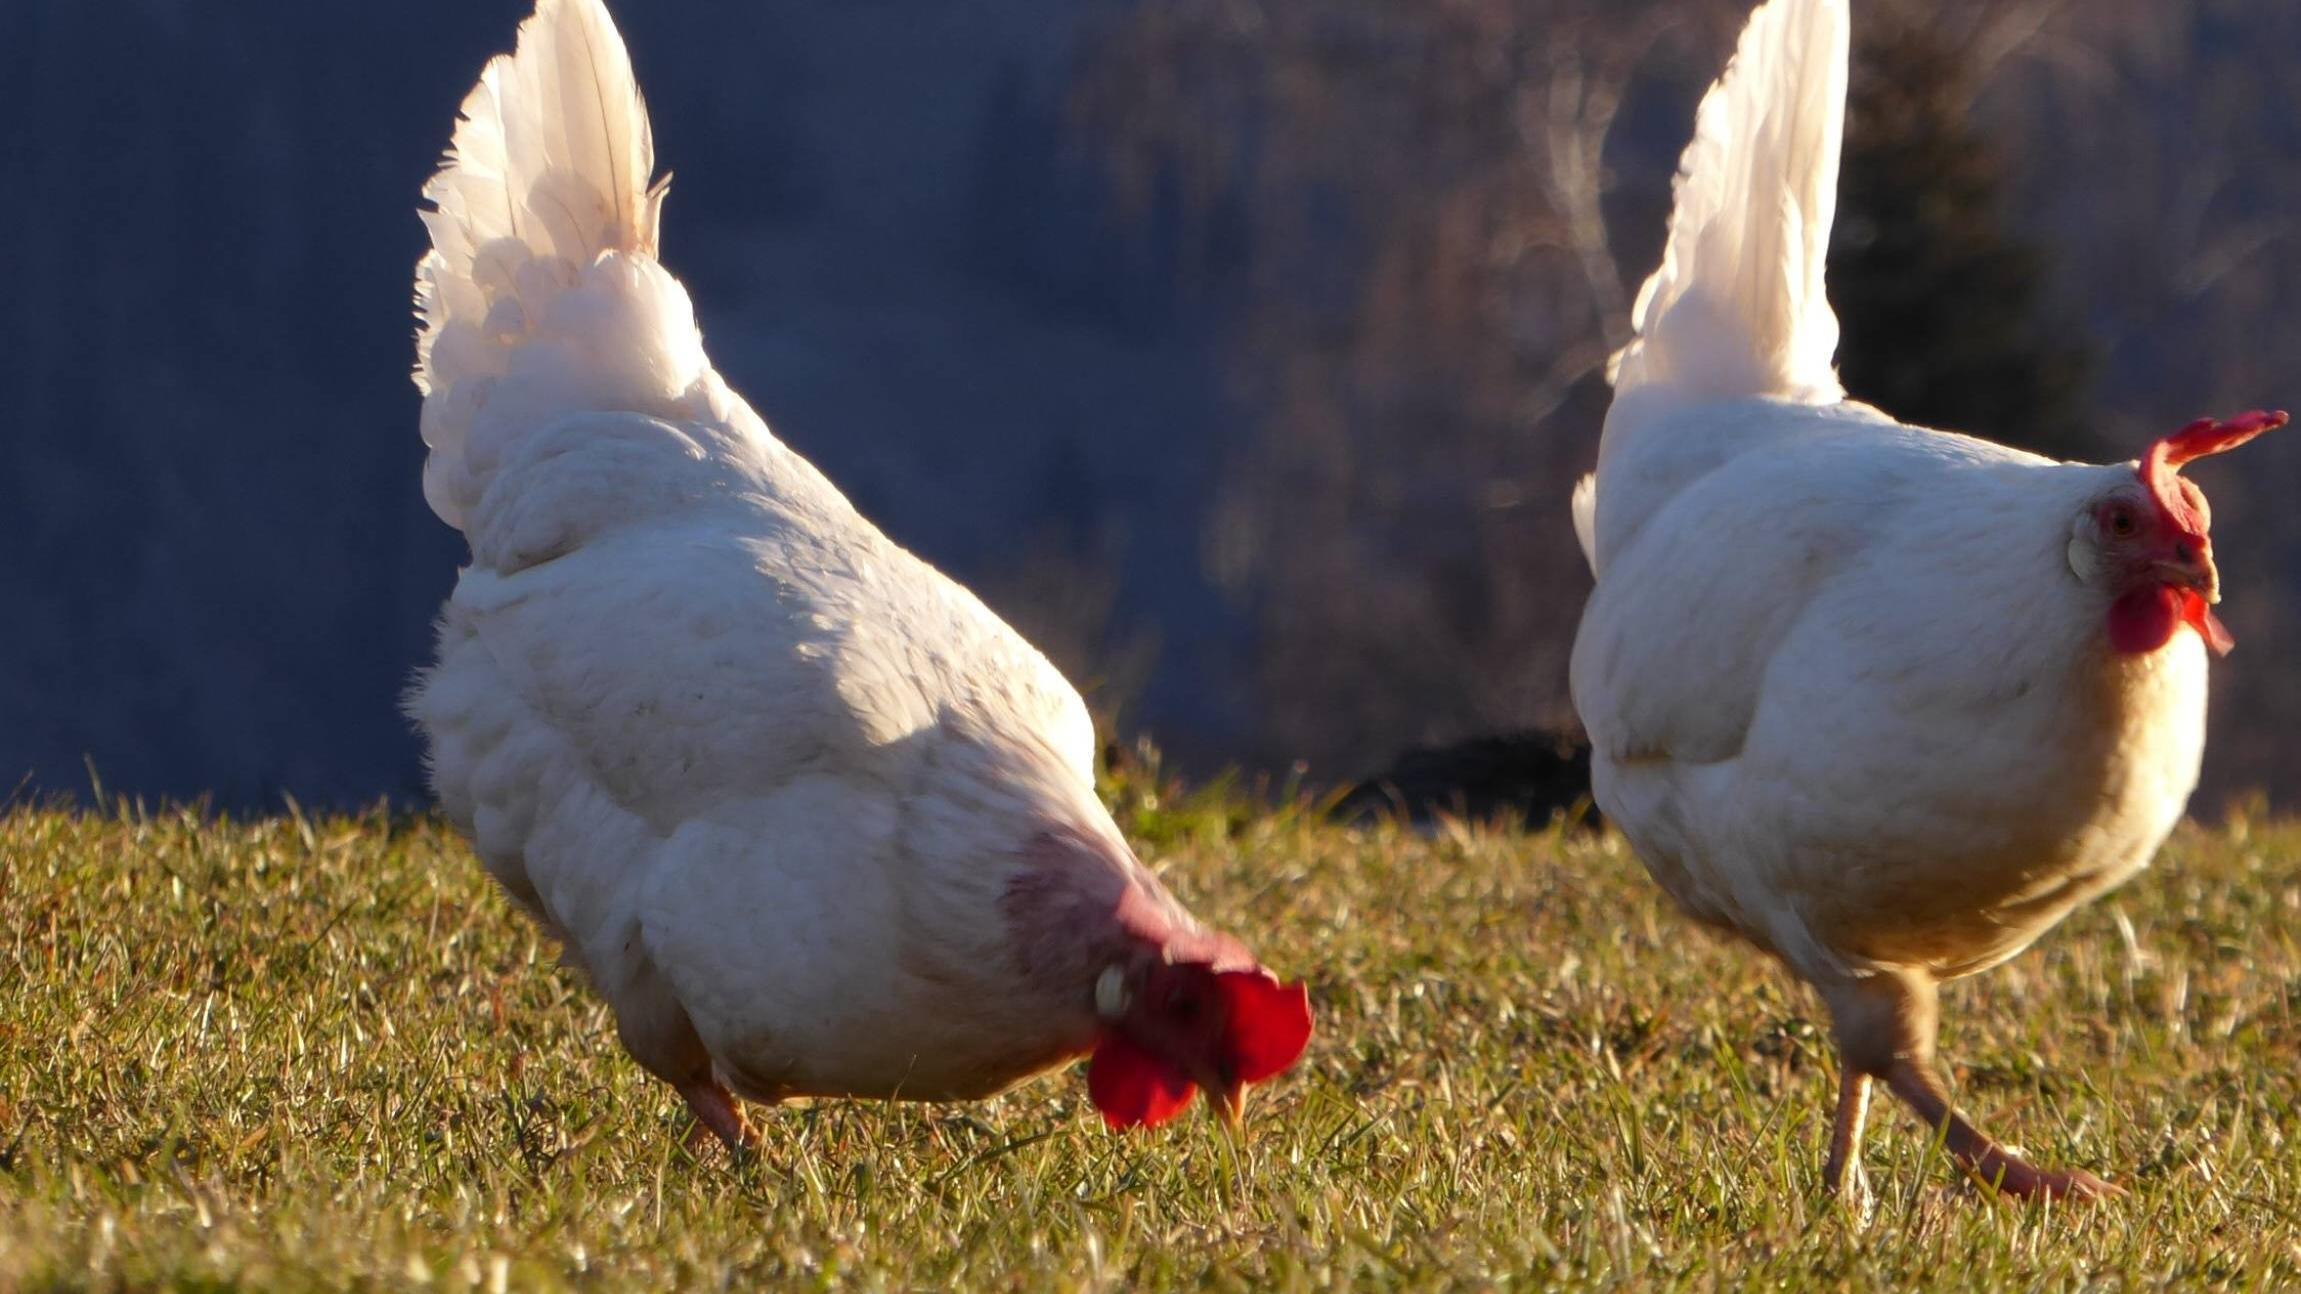 Da lachen ja die Hühner - das bedeutet die Redewendung